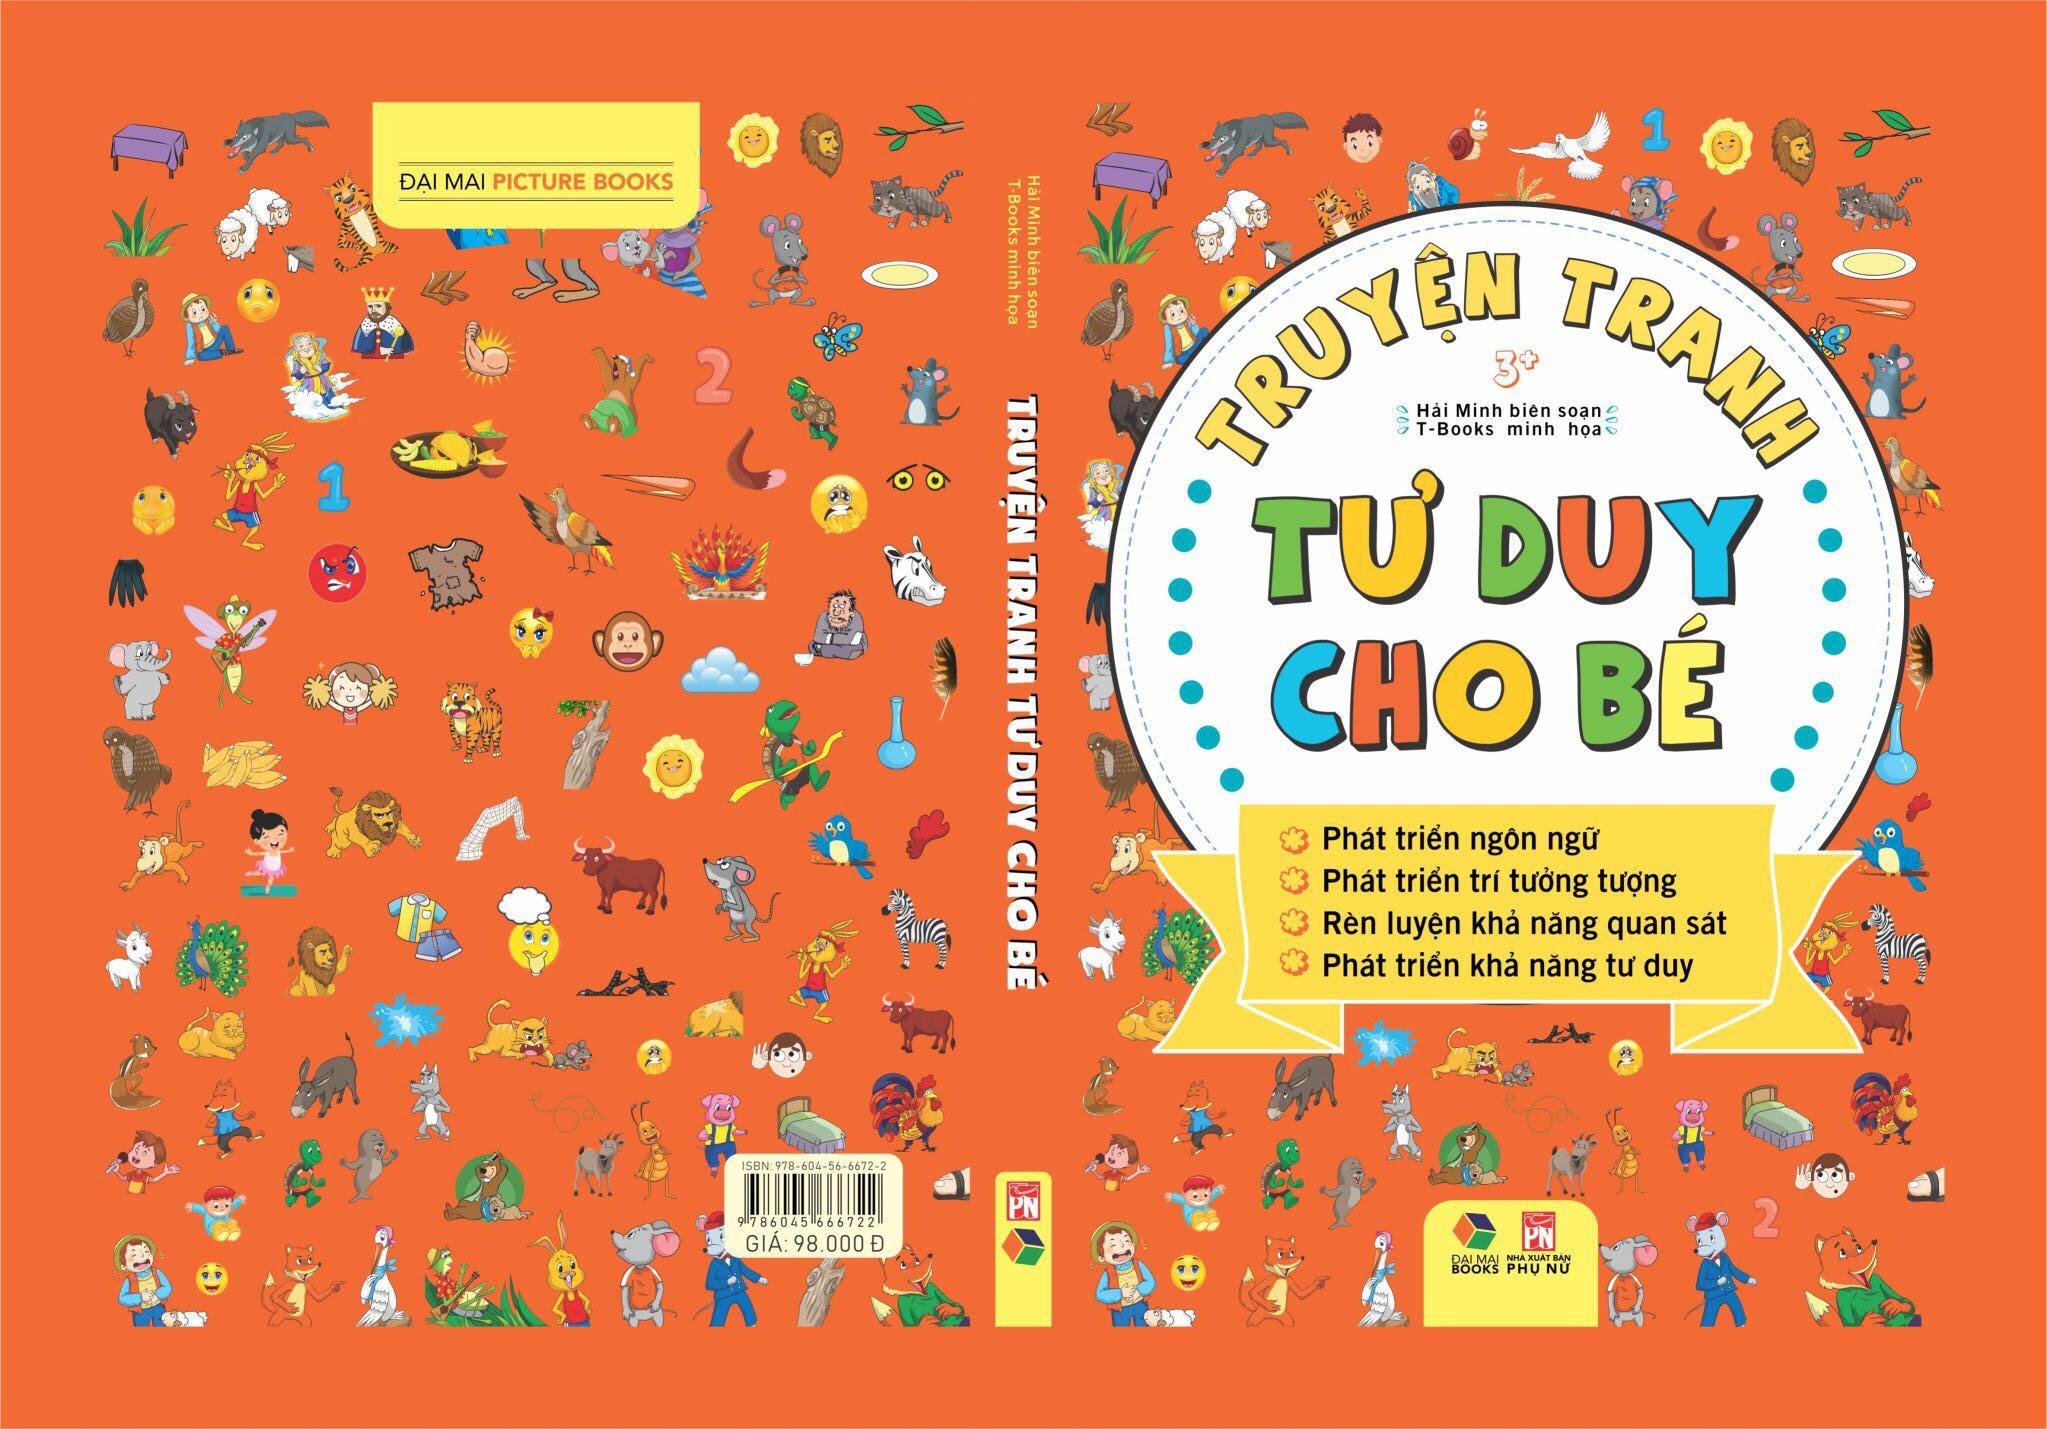 combo Truyện Tranh Tư Duy Cho Bé + Đồng dao thơ - truyện cho bé tập nói